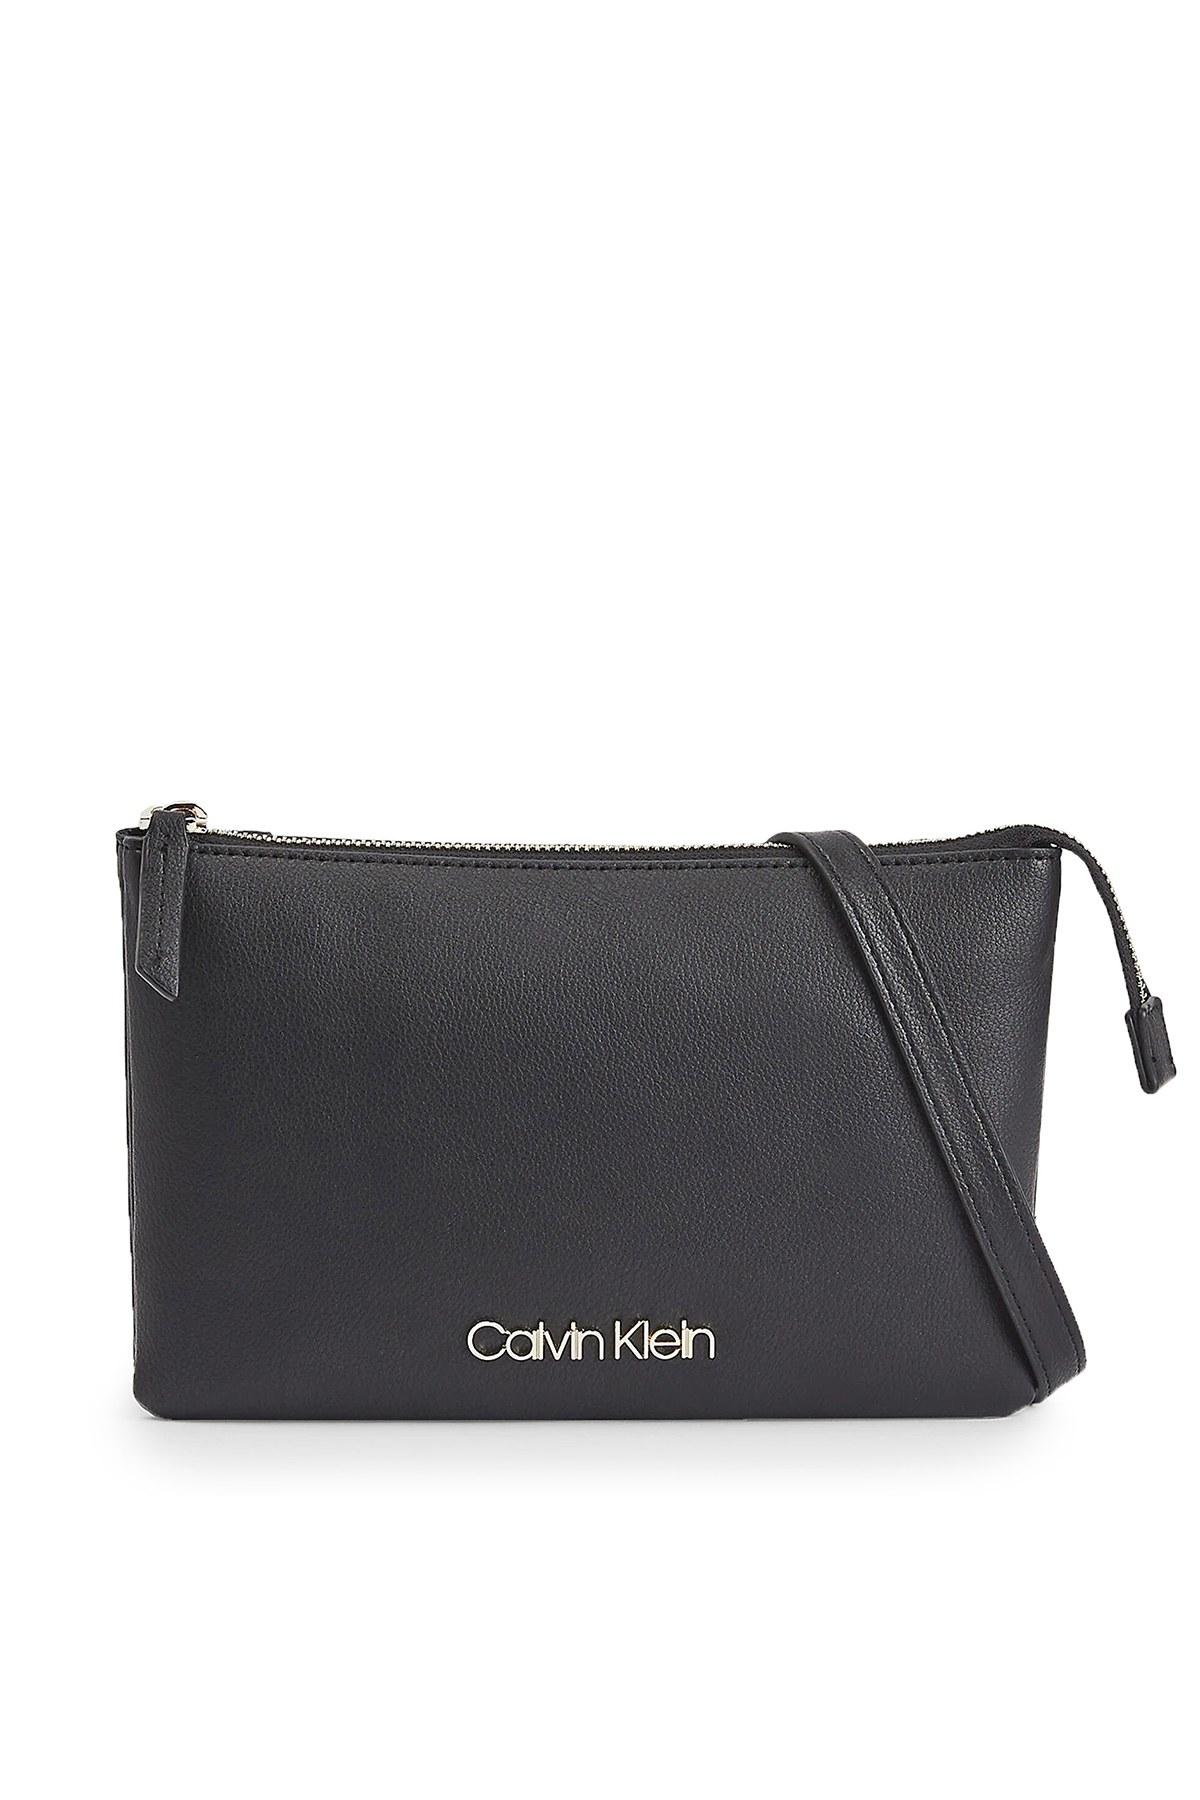 Calvin Klein Ayarlanabilir Askılı Kadın Çanta K60K607019 BAX SİYAH